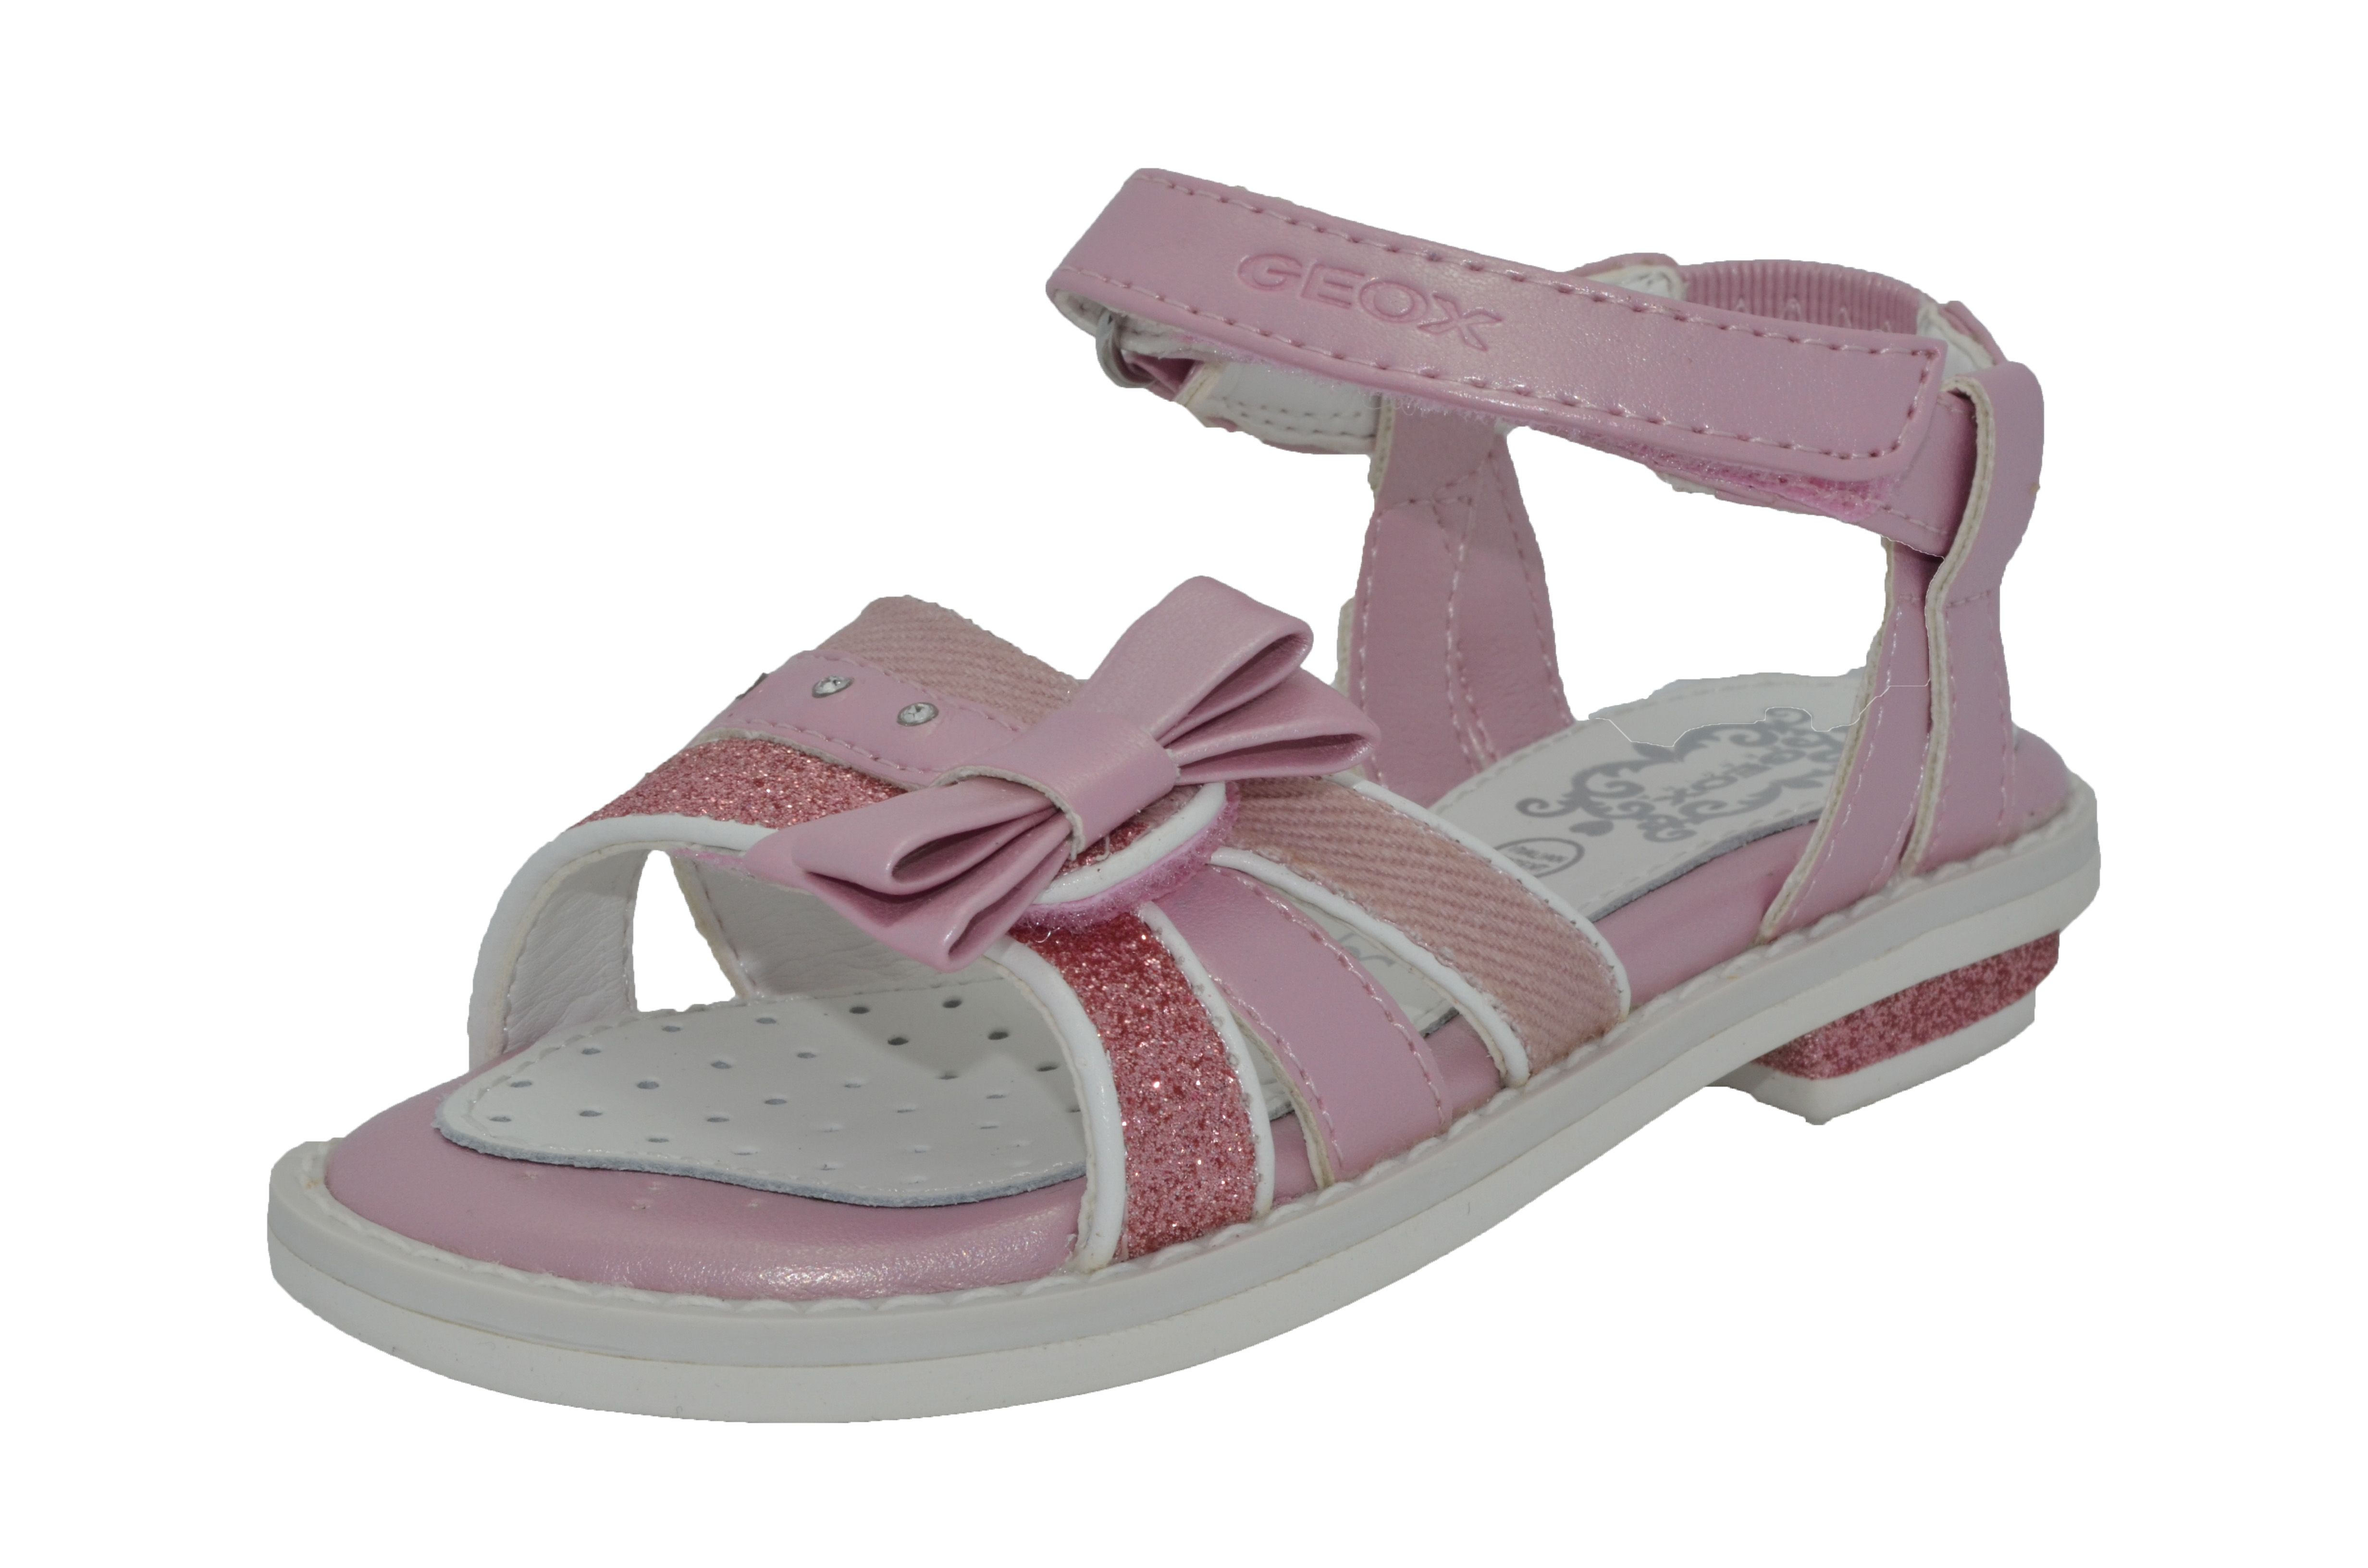 Platillo Constituir Rancio  www.deliangelo.com   Sandalias, Sandalias para niñas y Zapatos baratos